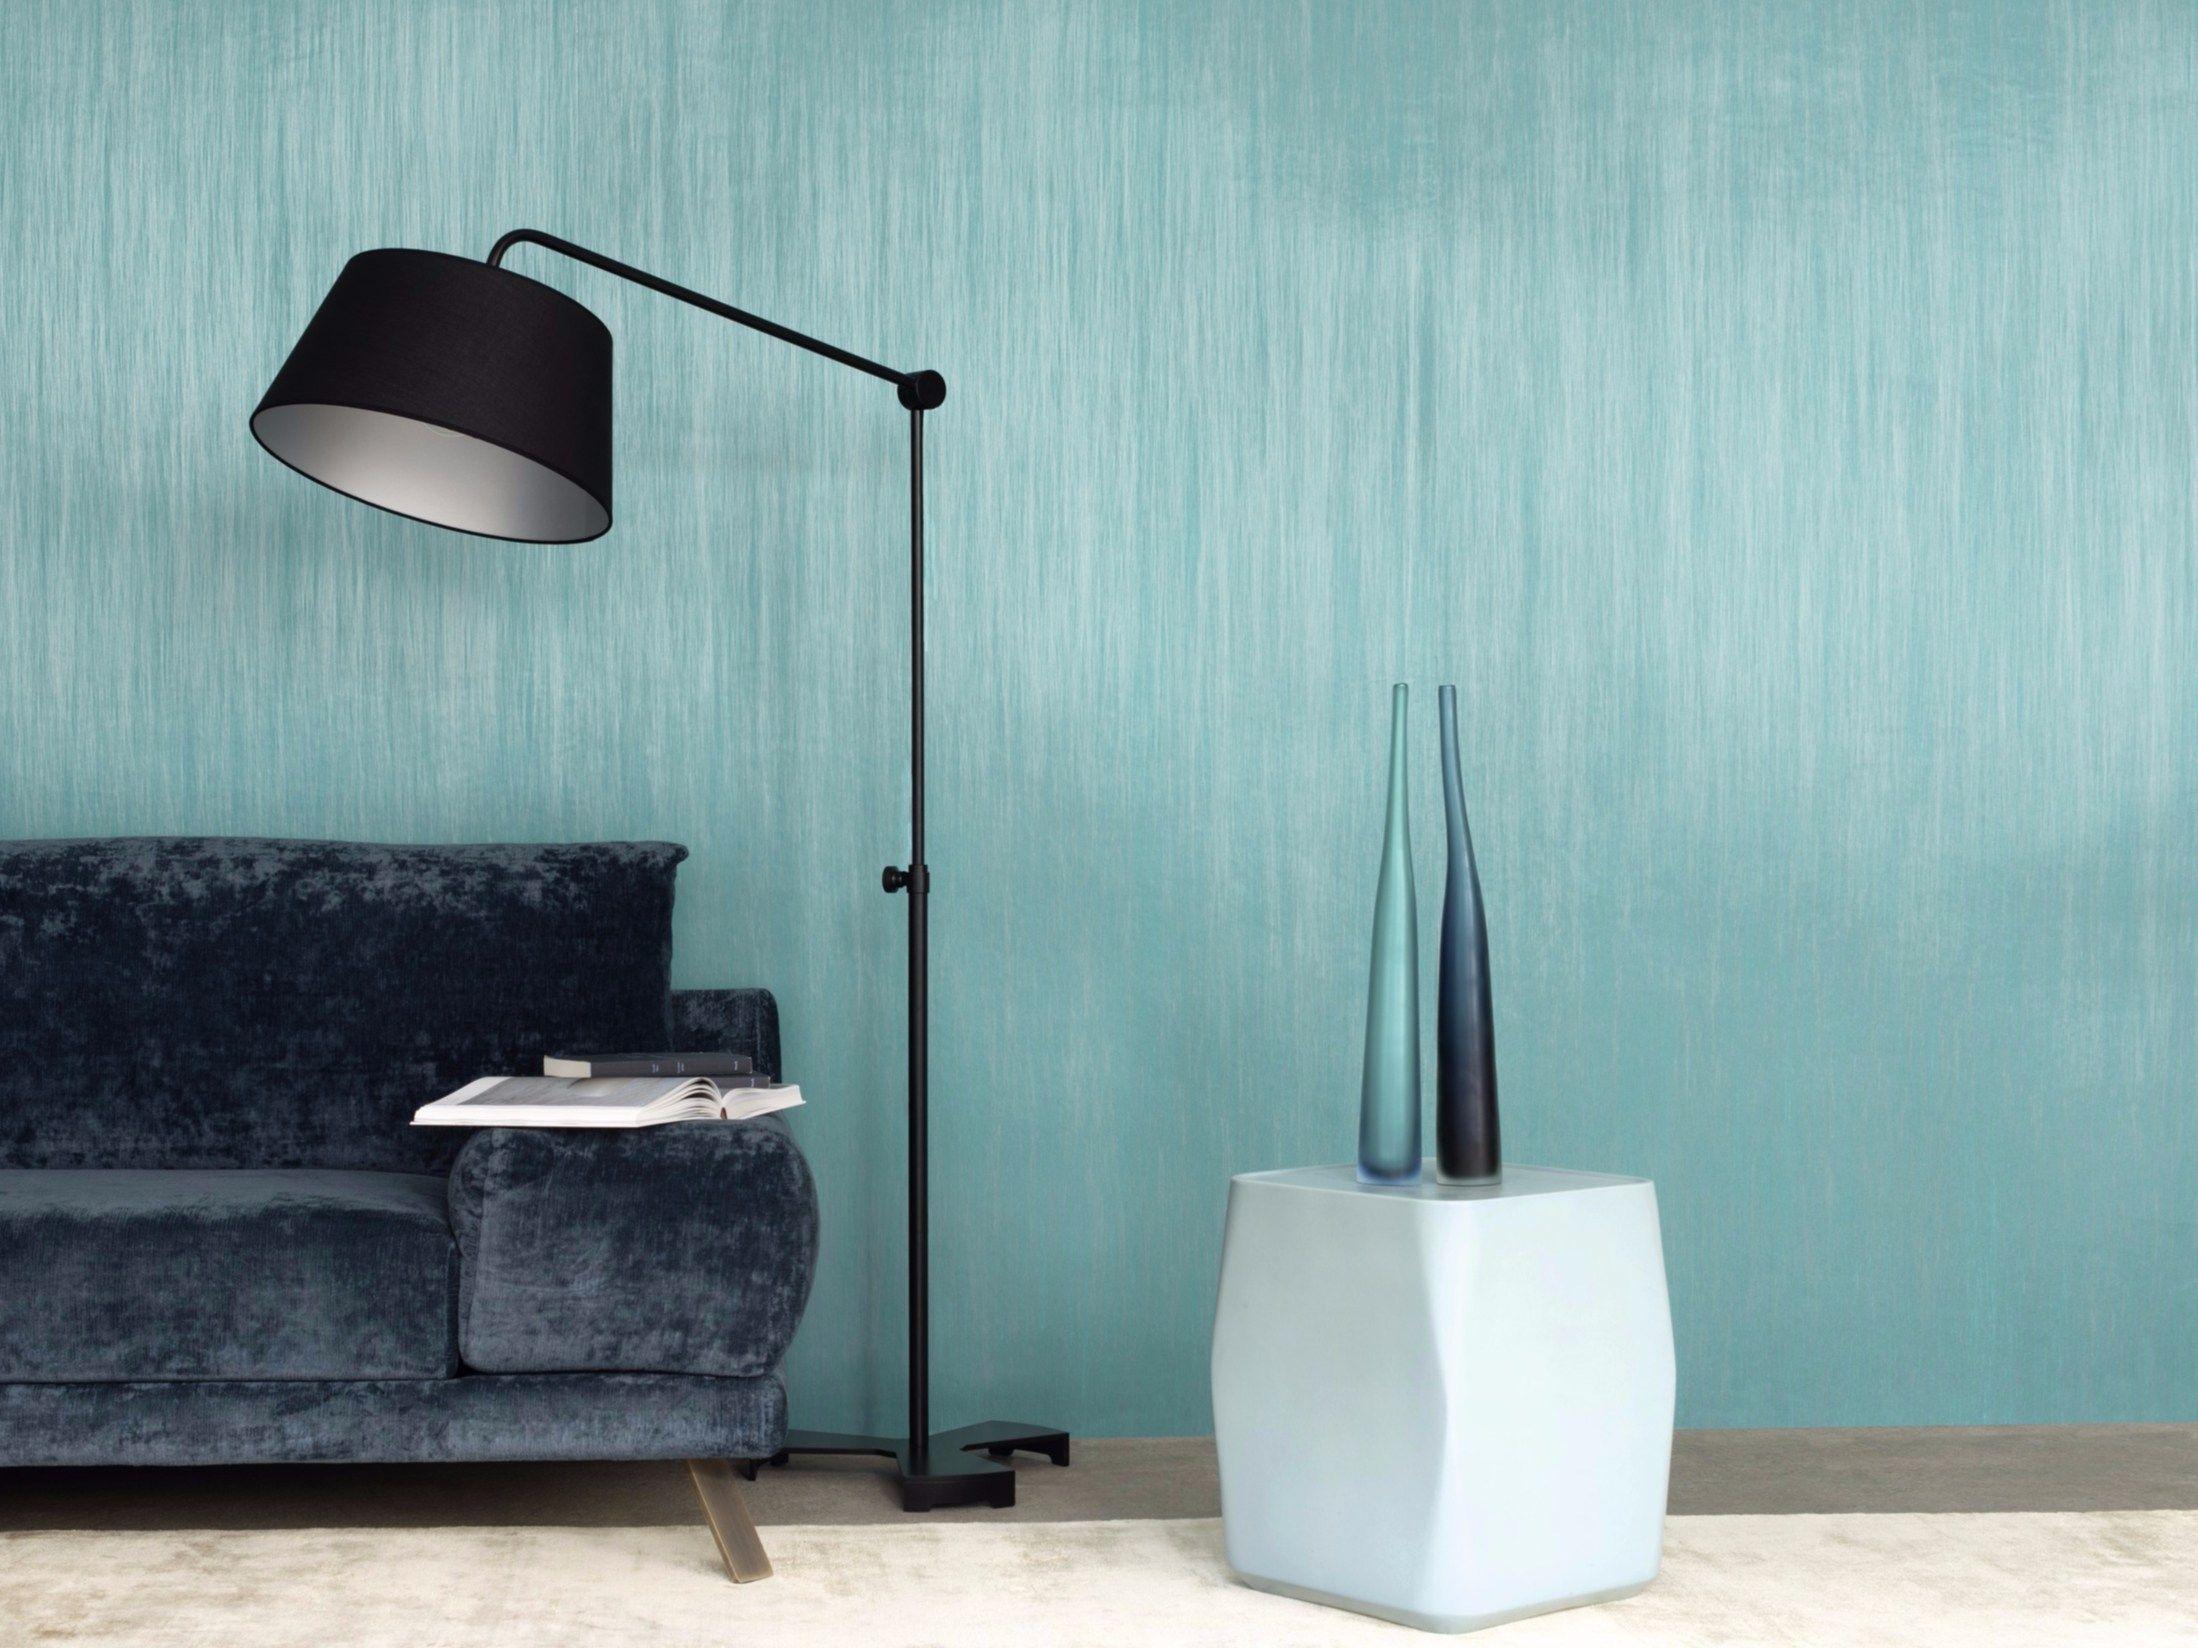 kche vergrern reference lappoffice germany with mbel outlet bremen cool gardena comfort. Black Bedroom Furniture Sets. Home Design Ideas